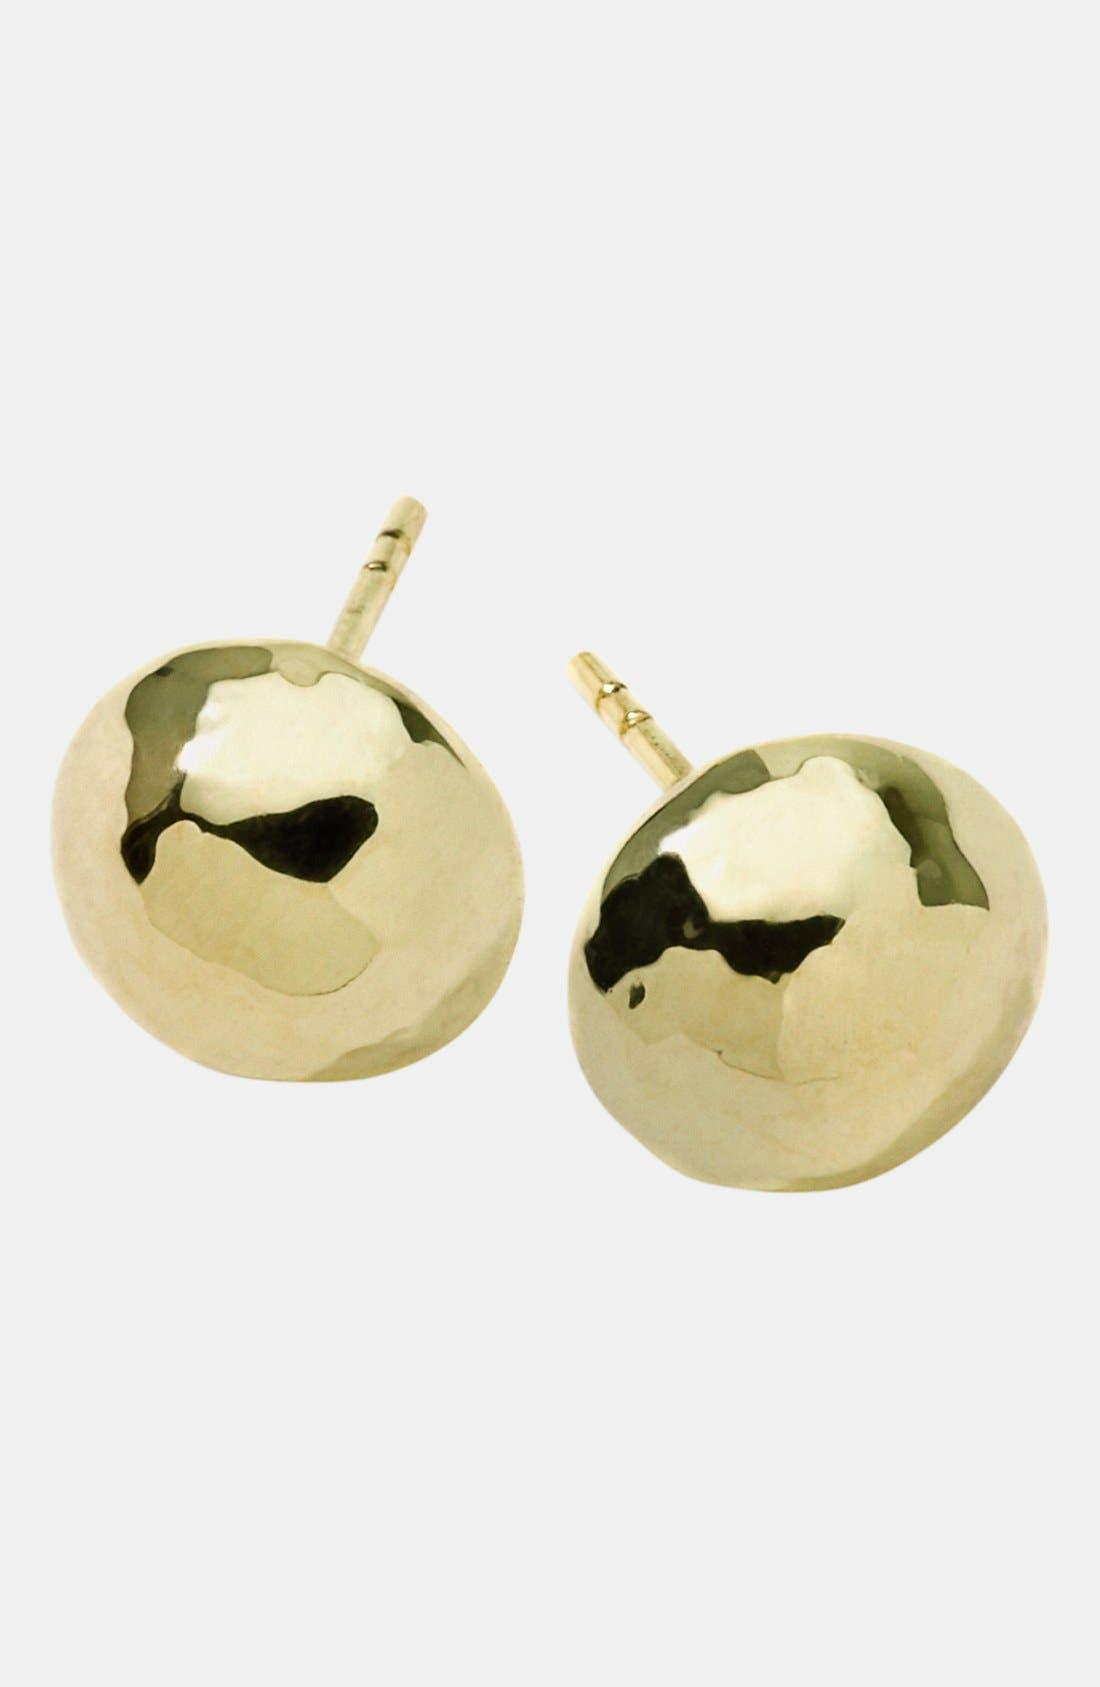 Alternate Image 1 Selected - Ippolita 'Glamazon' 18k Gold Hammered Ball Earrings